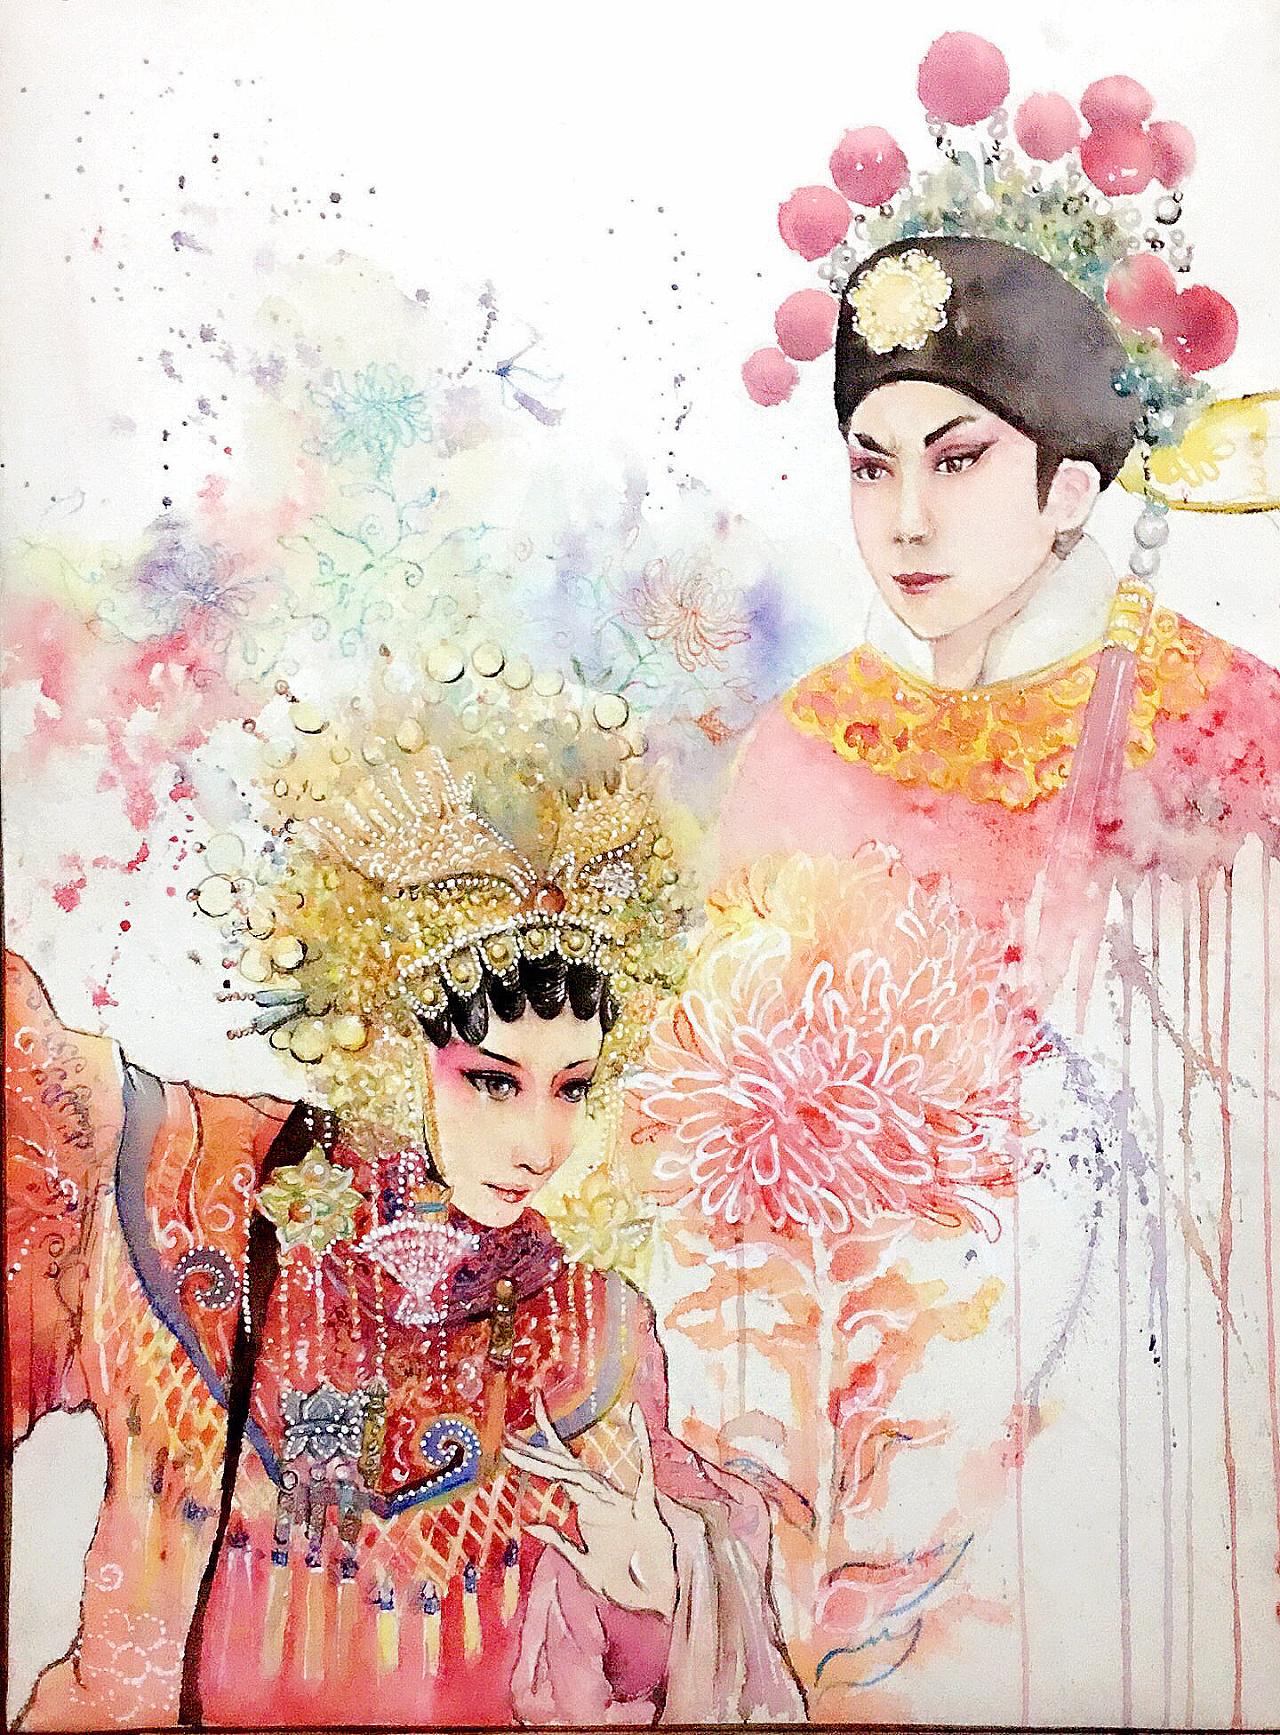 以粤剧帝女花为主要创作主题,结合一些粤剧图片